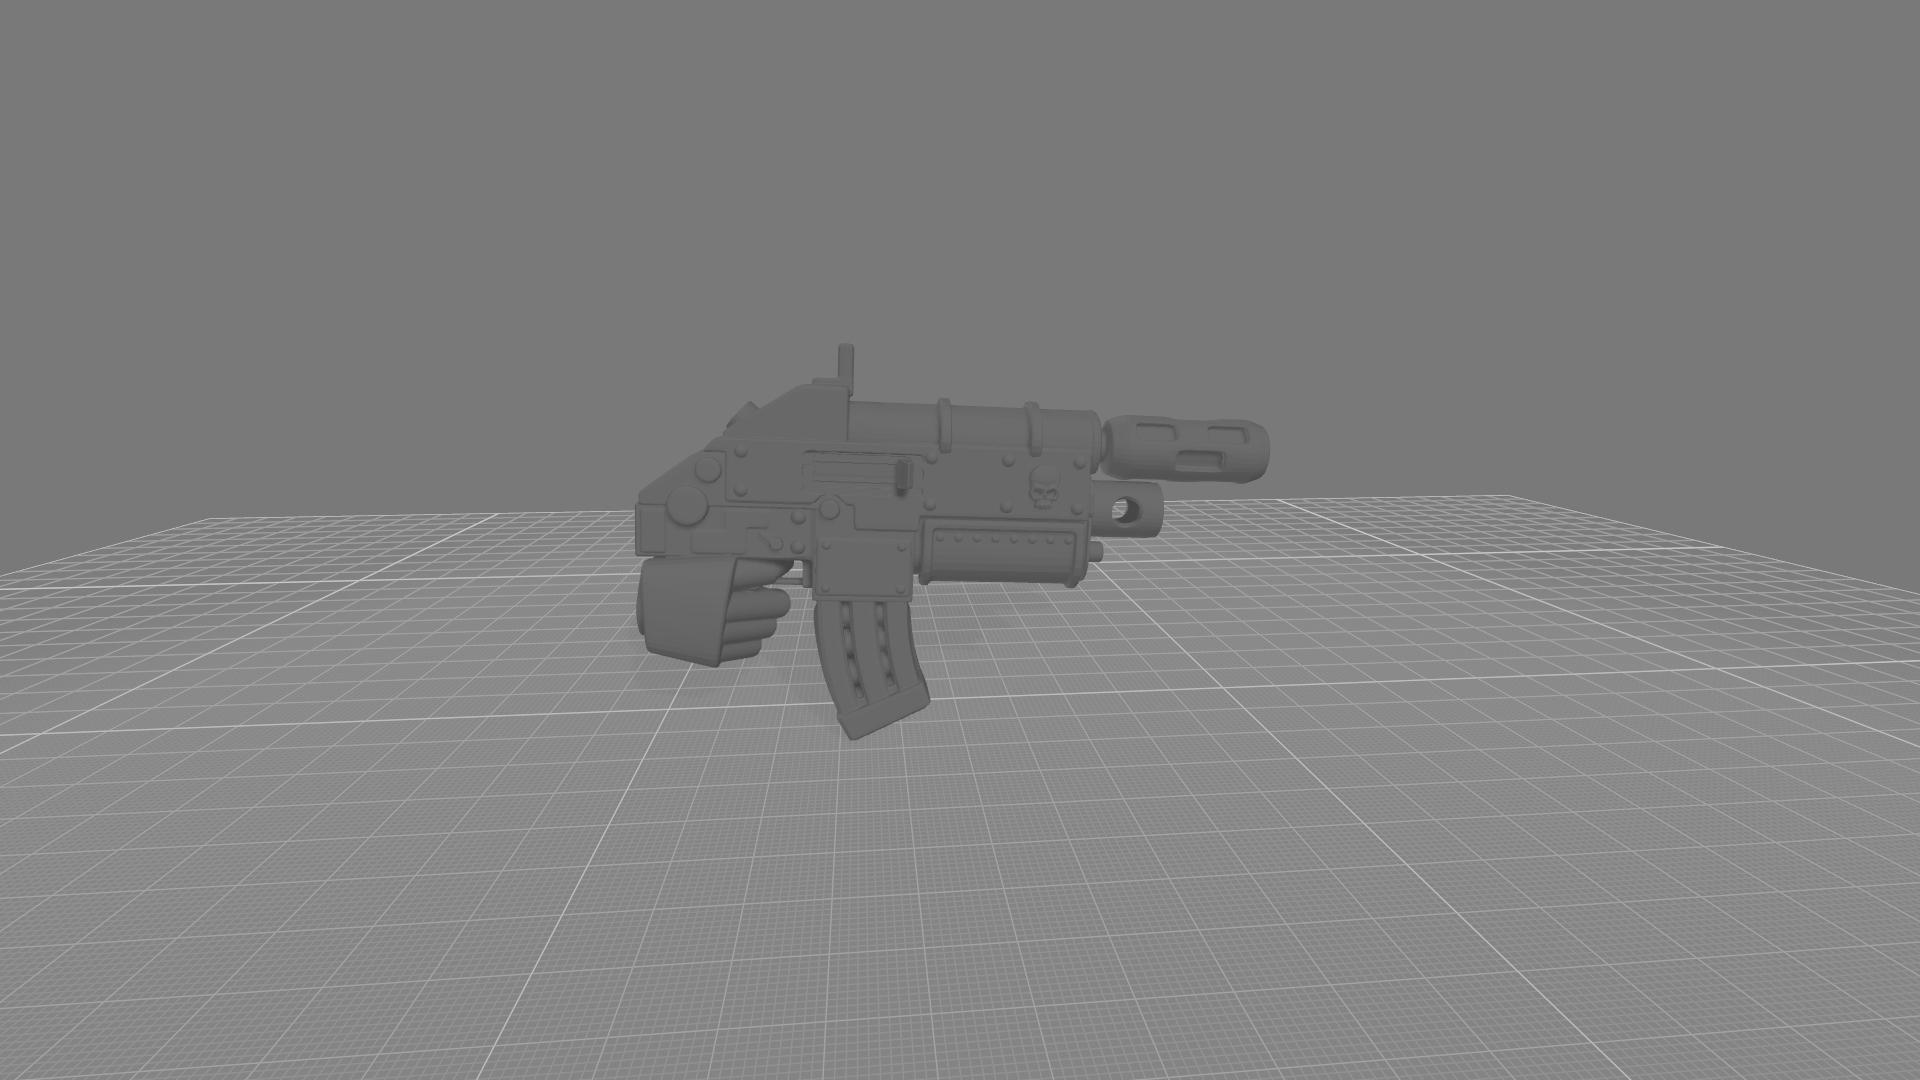 CombiBolter Melta.jpg Download free STL file Destructive Toolbox of the Order of Alien Hunting Crusaders • 3D printer design, DropoutPraxis